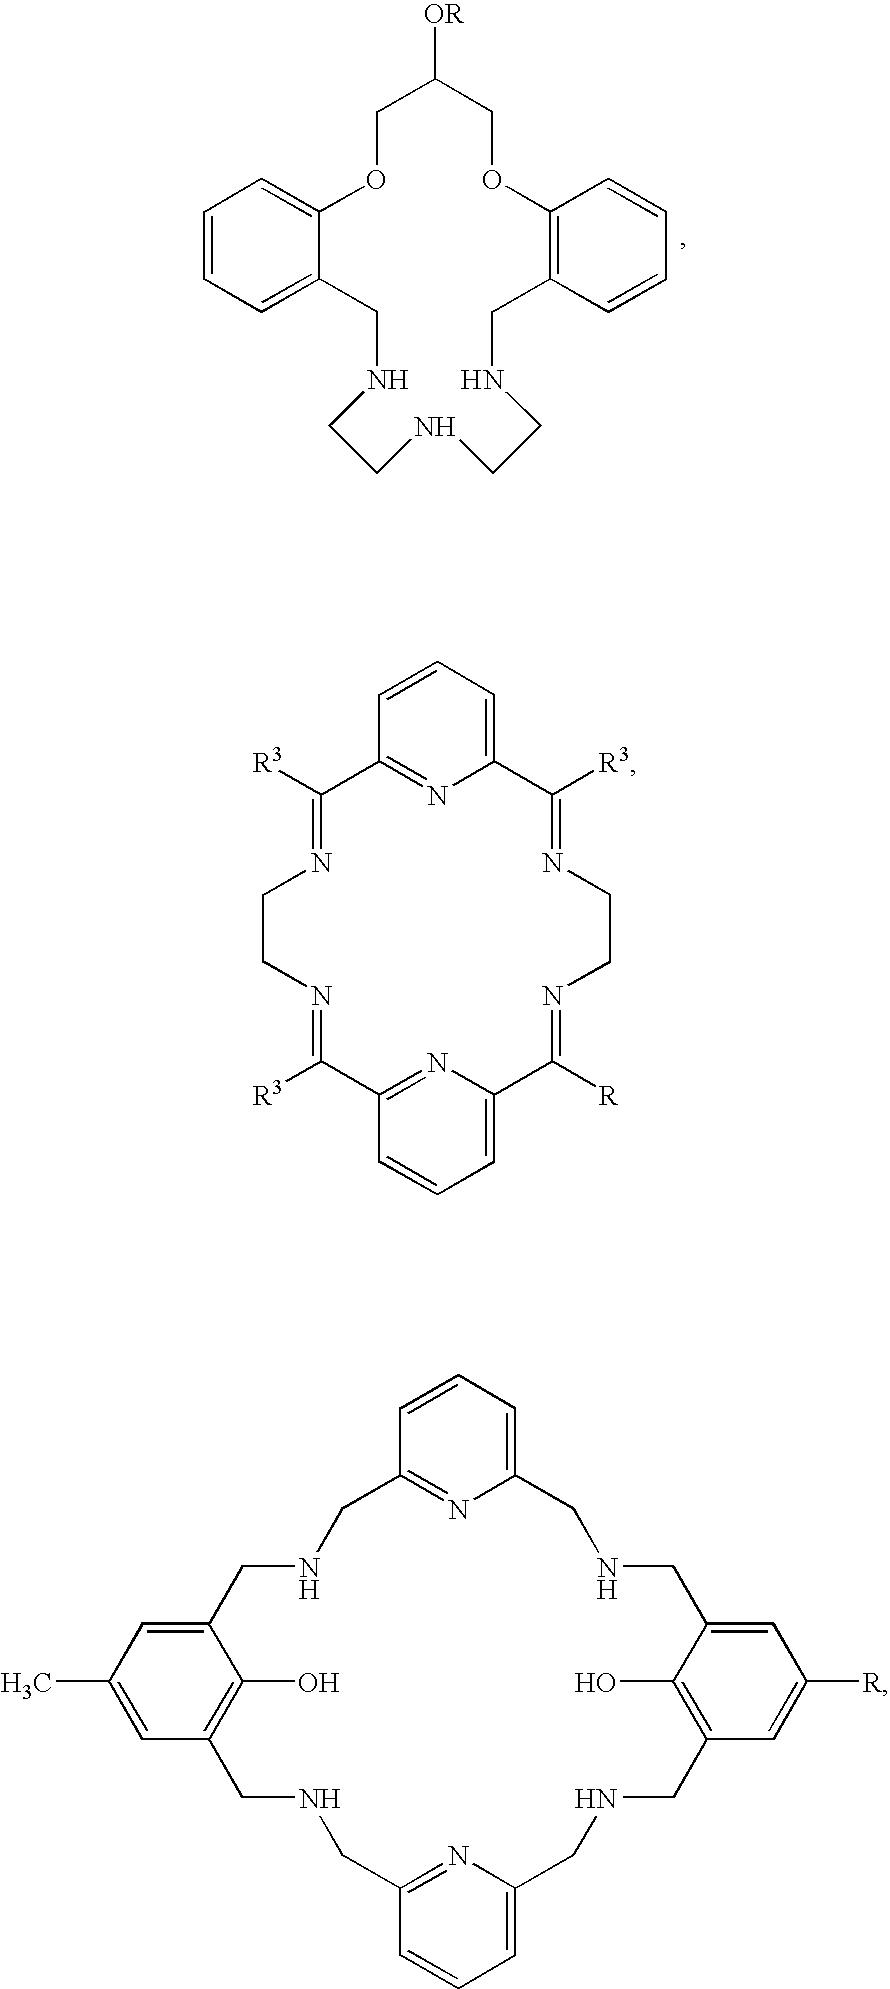 Figure US20070259830A1-20071108-C00018